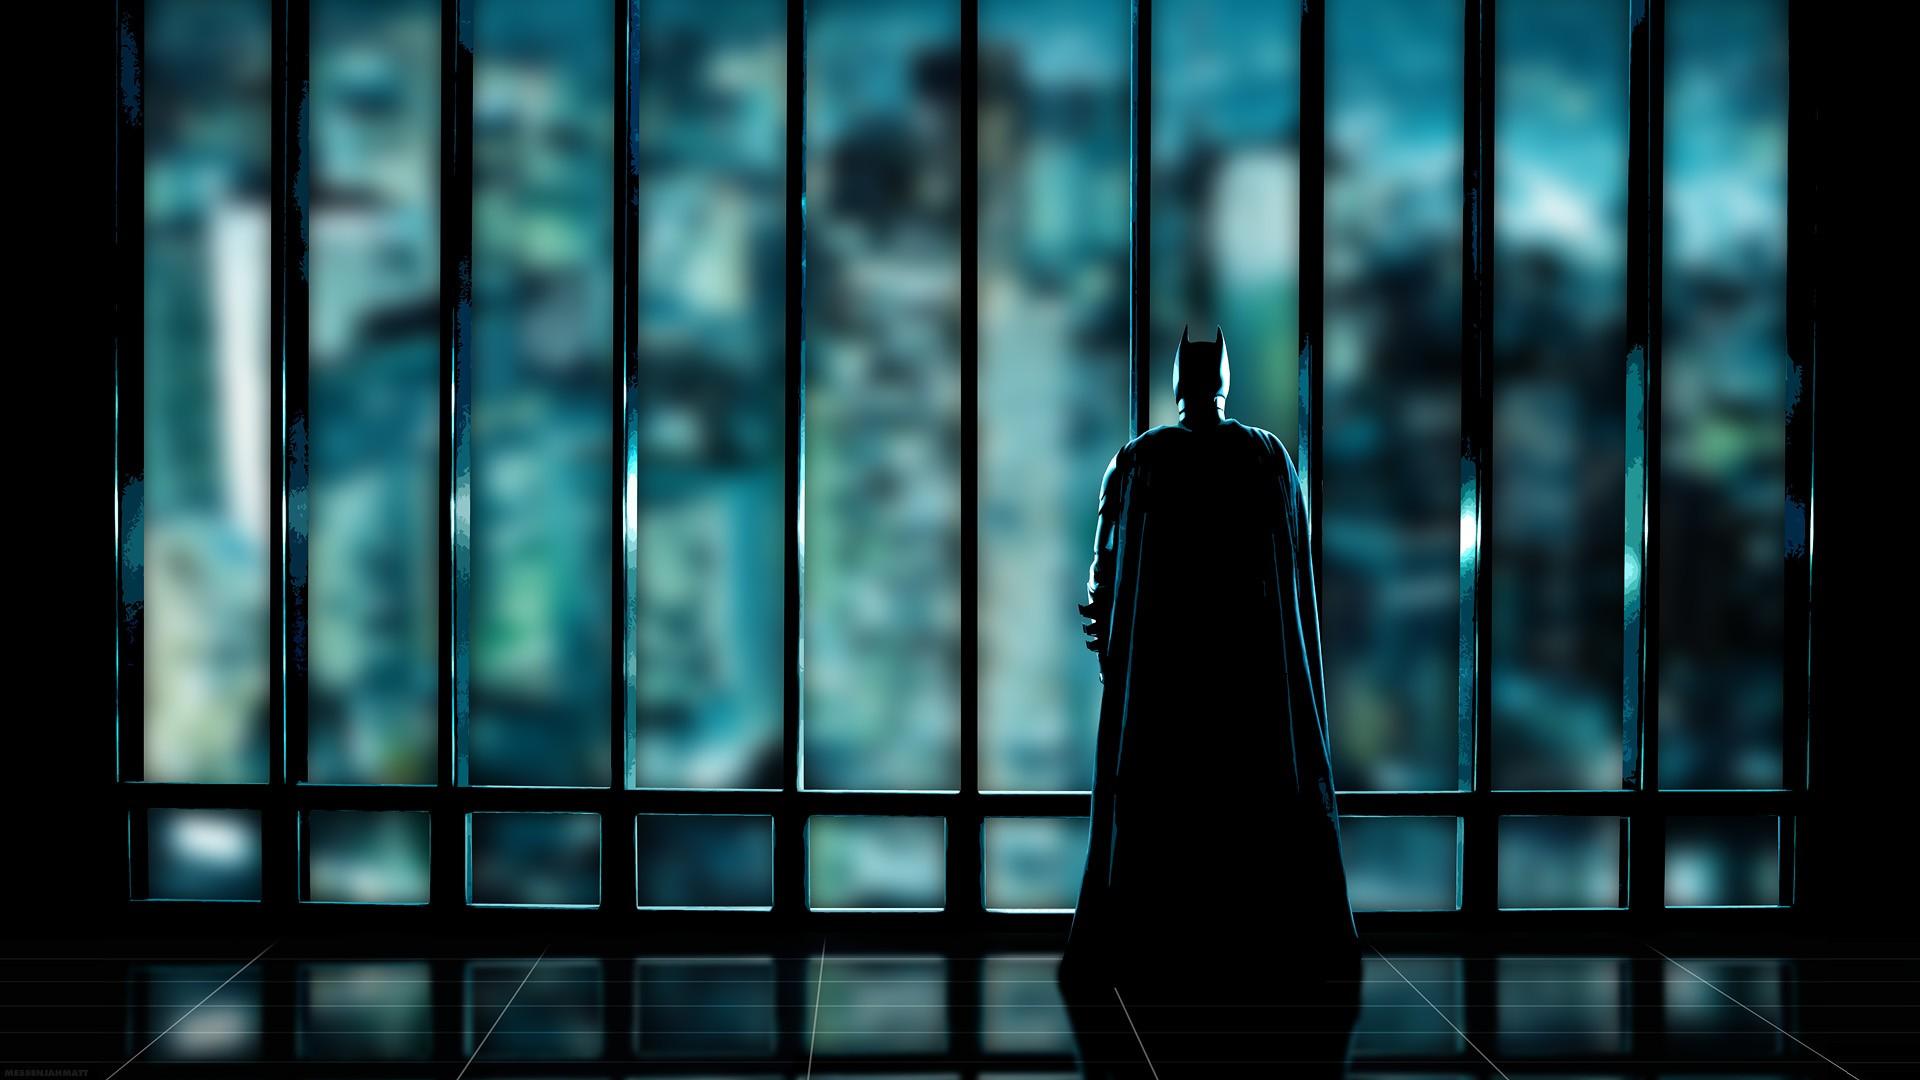 デスクトップ壁紙 窓 反射 影 ダークナイト バットマン 映画